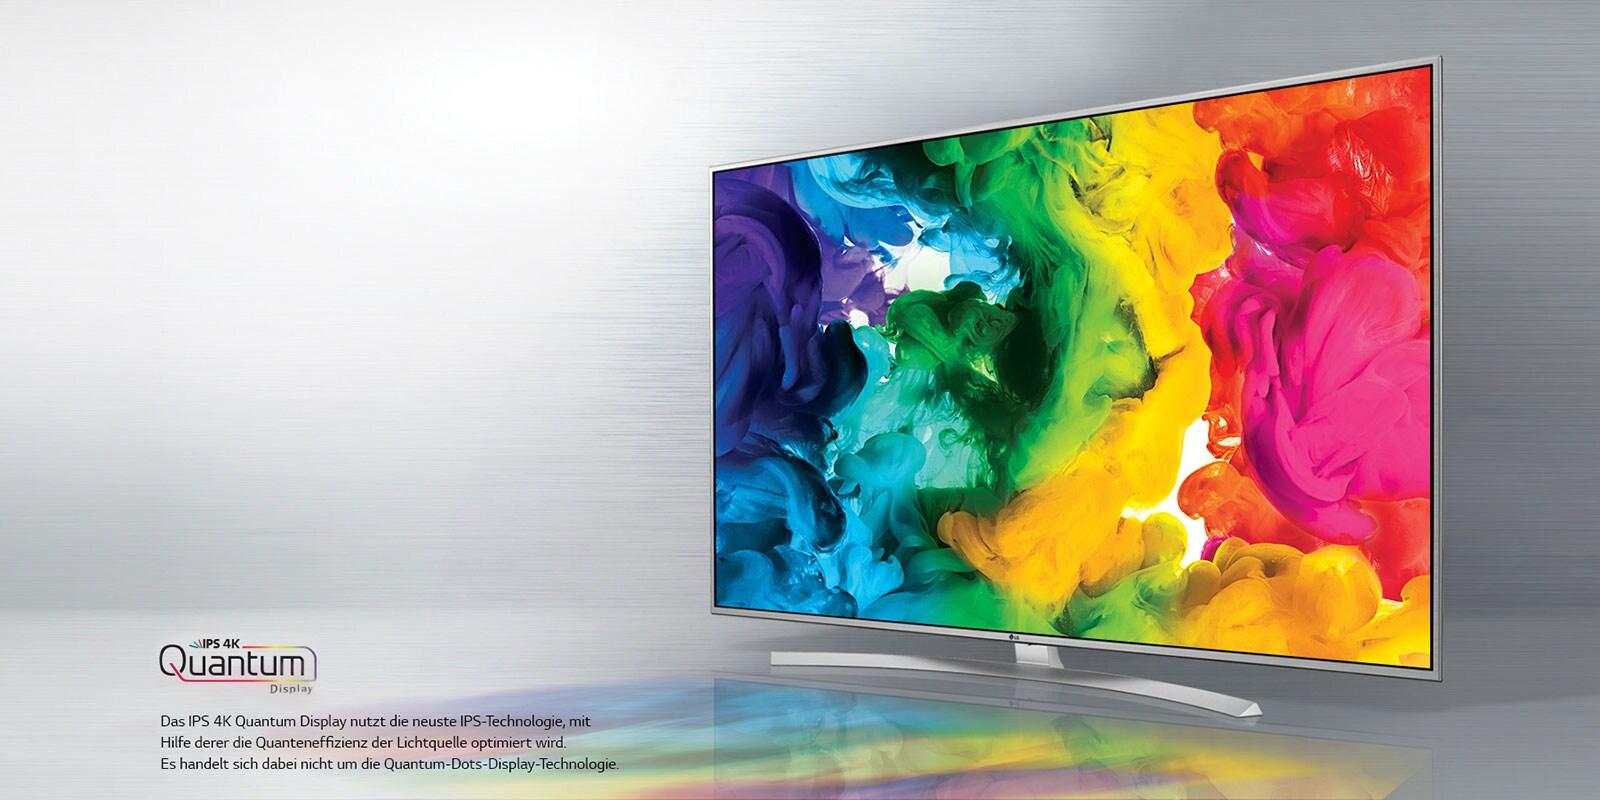 4k fernseher uhd tv entdecken lg deutschland. Black Bedroom Furniture Sets. Home Design Ideas